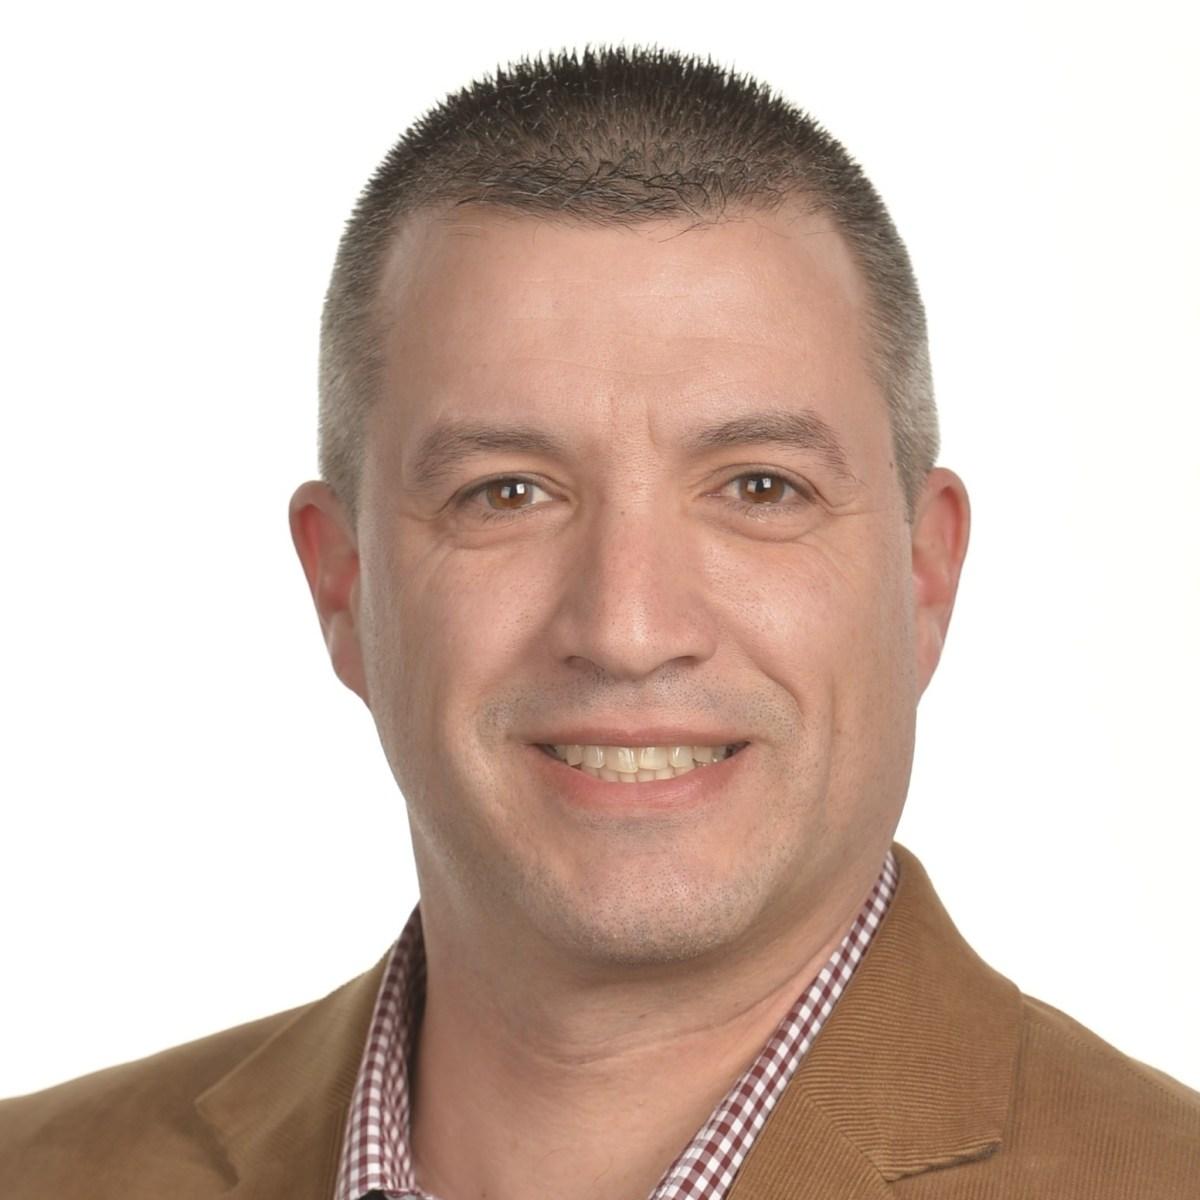 Scott Grzenda